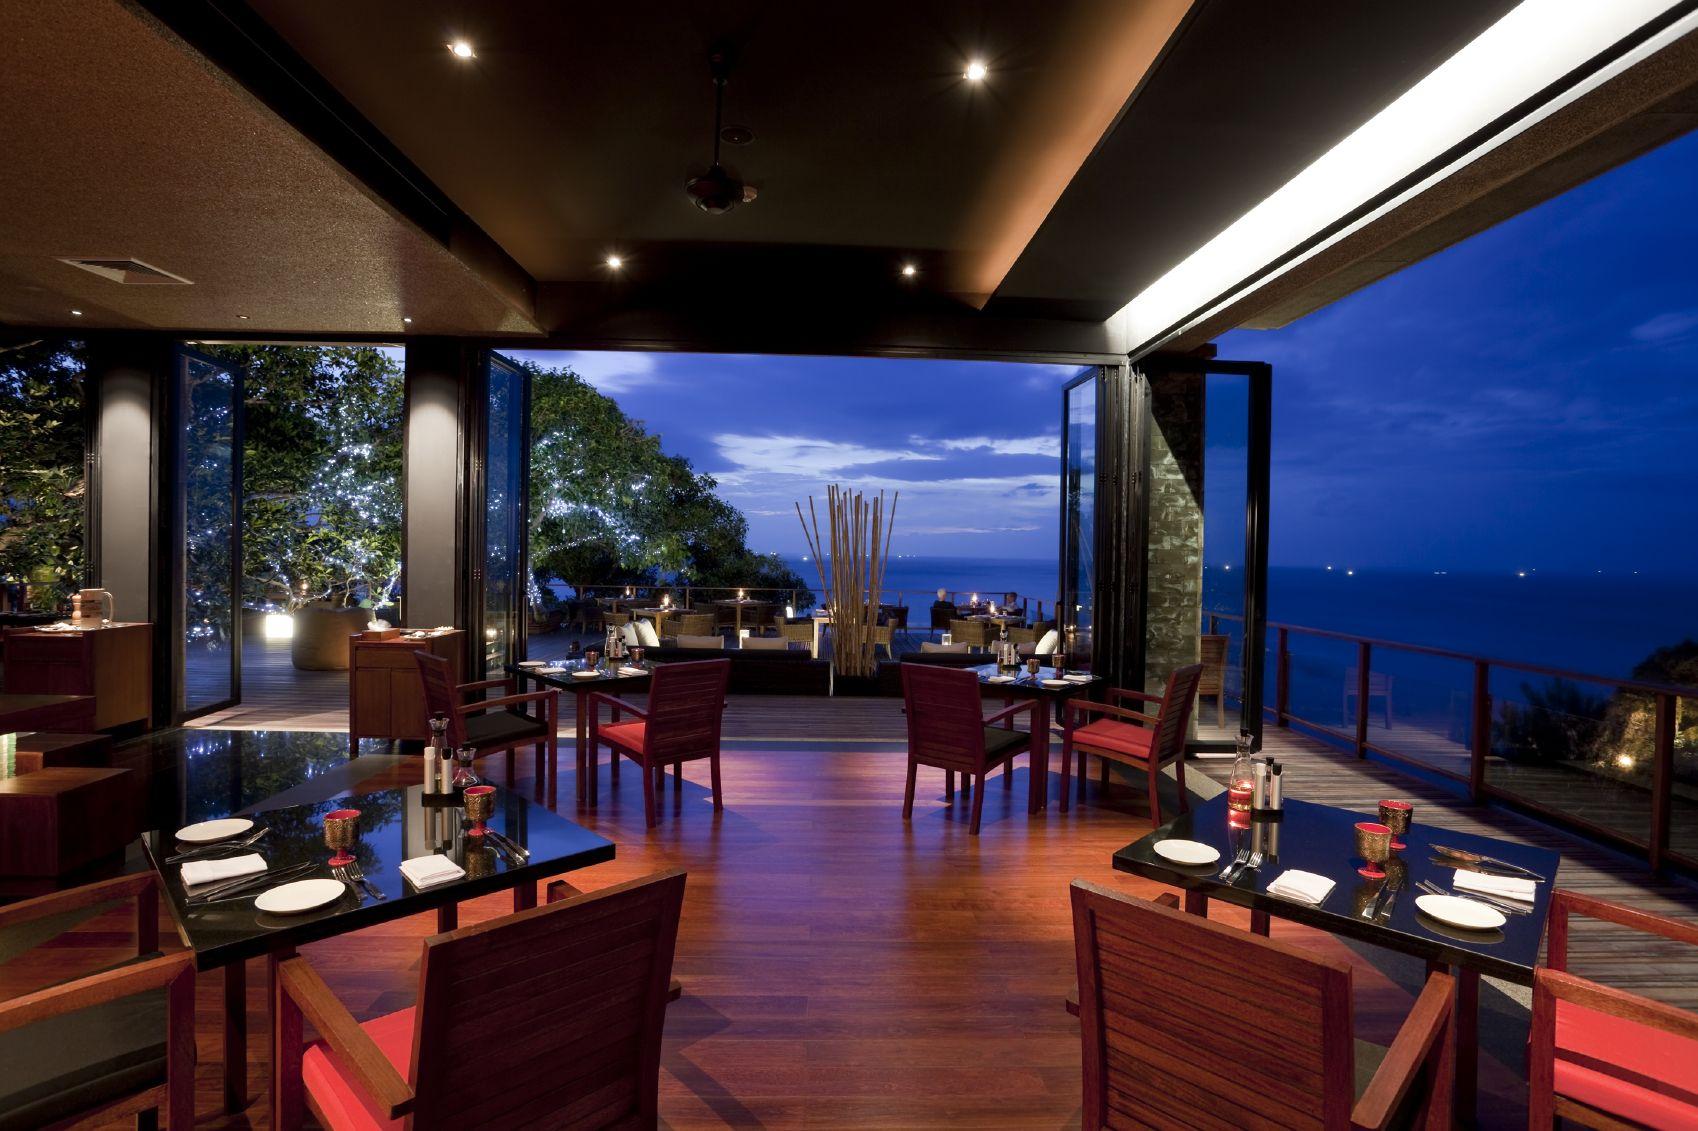 Da awards 2015 interior award hospitality for Hotel design 2016